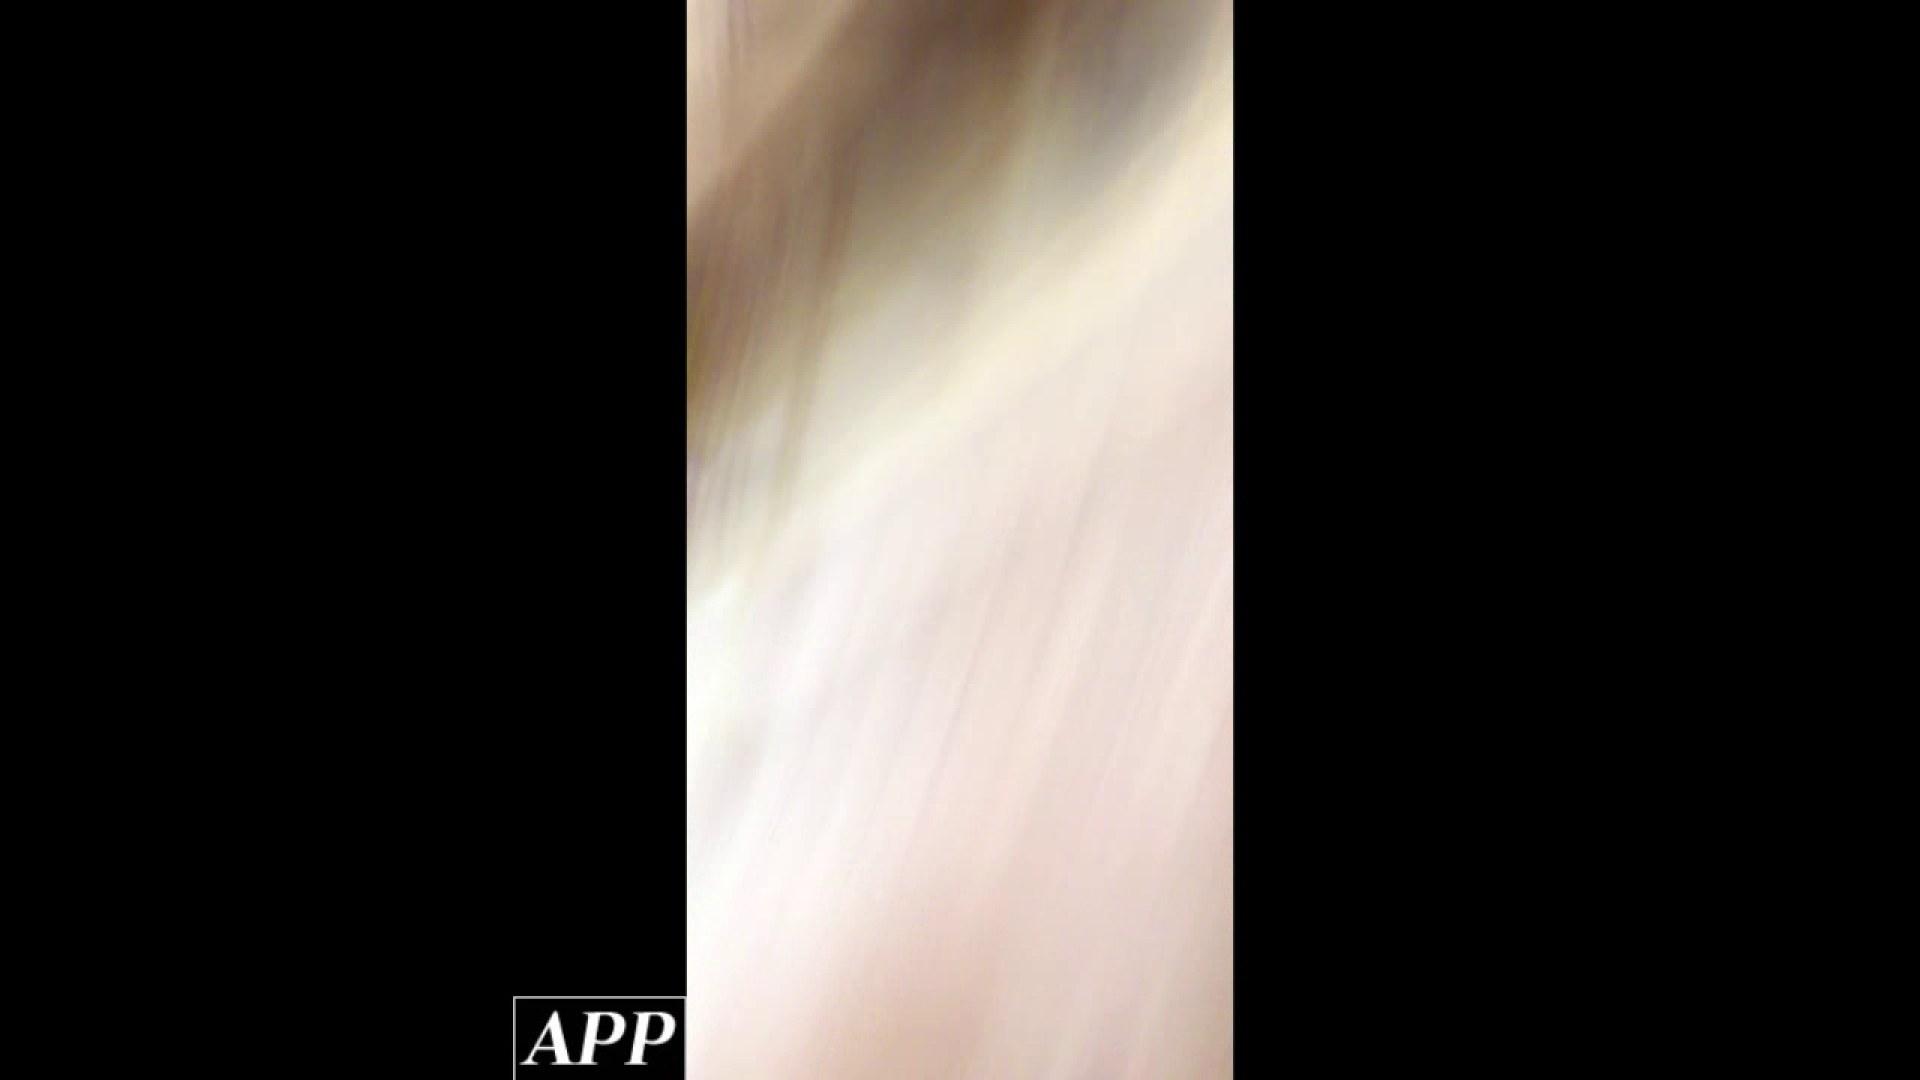 ハイビジョン盗撮!ショップ店員千人斬り!胸チラ編 vol.86 チクビ 盗み撮りオマンコ動画キャプチャ 102PICs 41